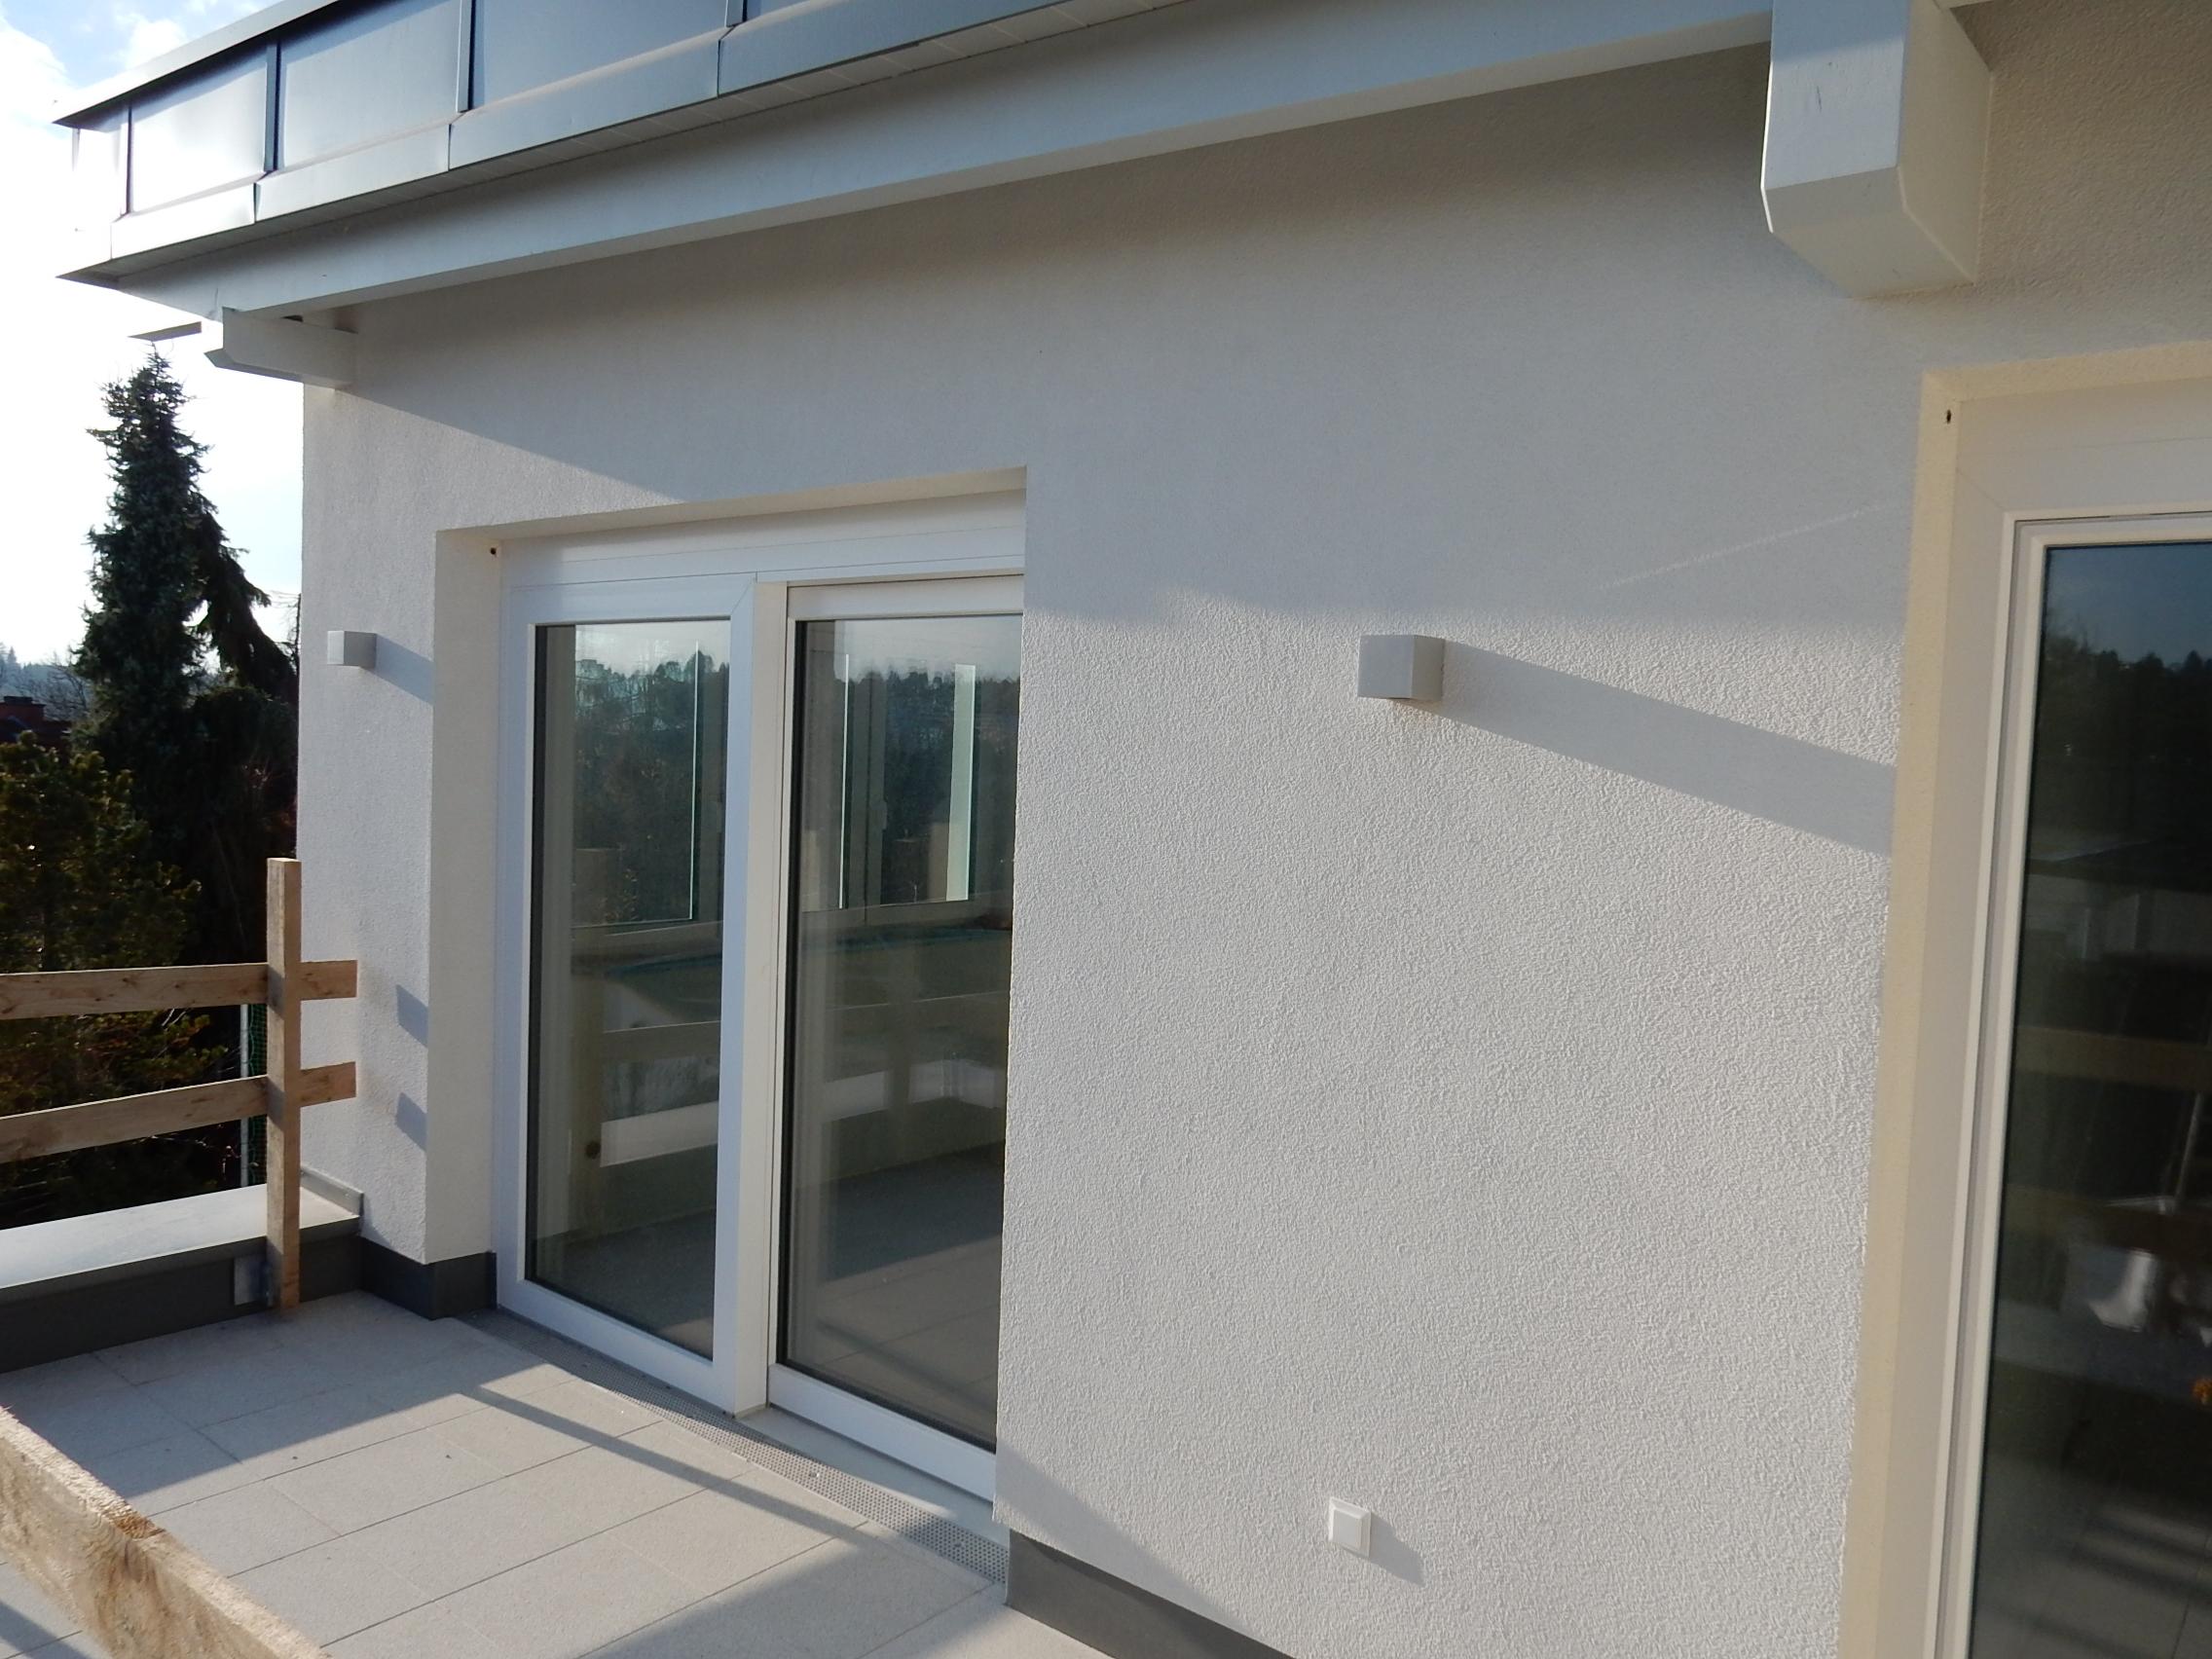 Erstbezug:  2 Zimmer Appartement,Terrasse,Graz Ragnitz,KP schlüsselfertig € 190.000.-